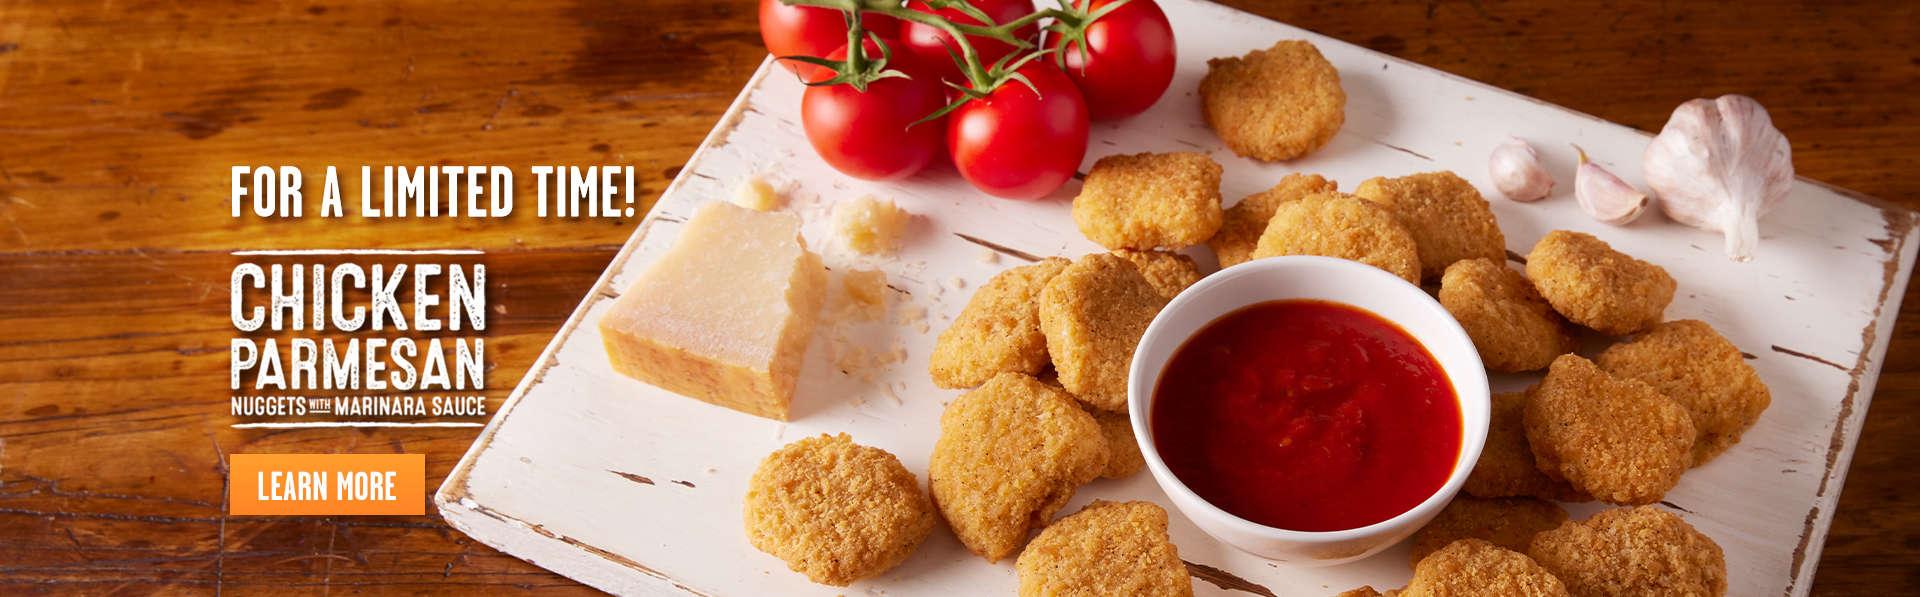 Chicken Parmesan Nuggets